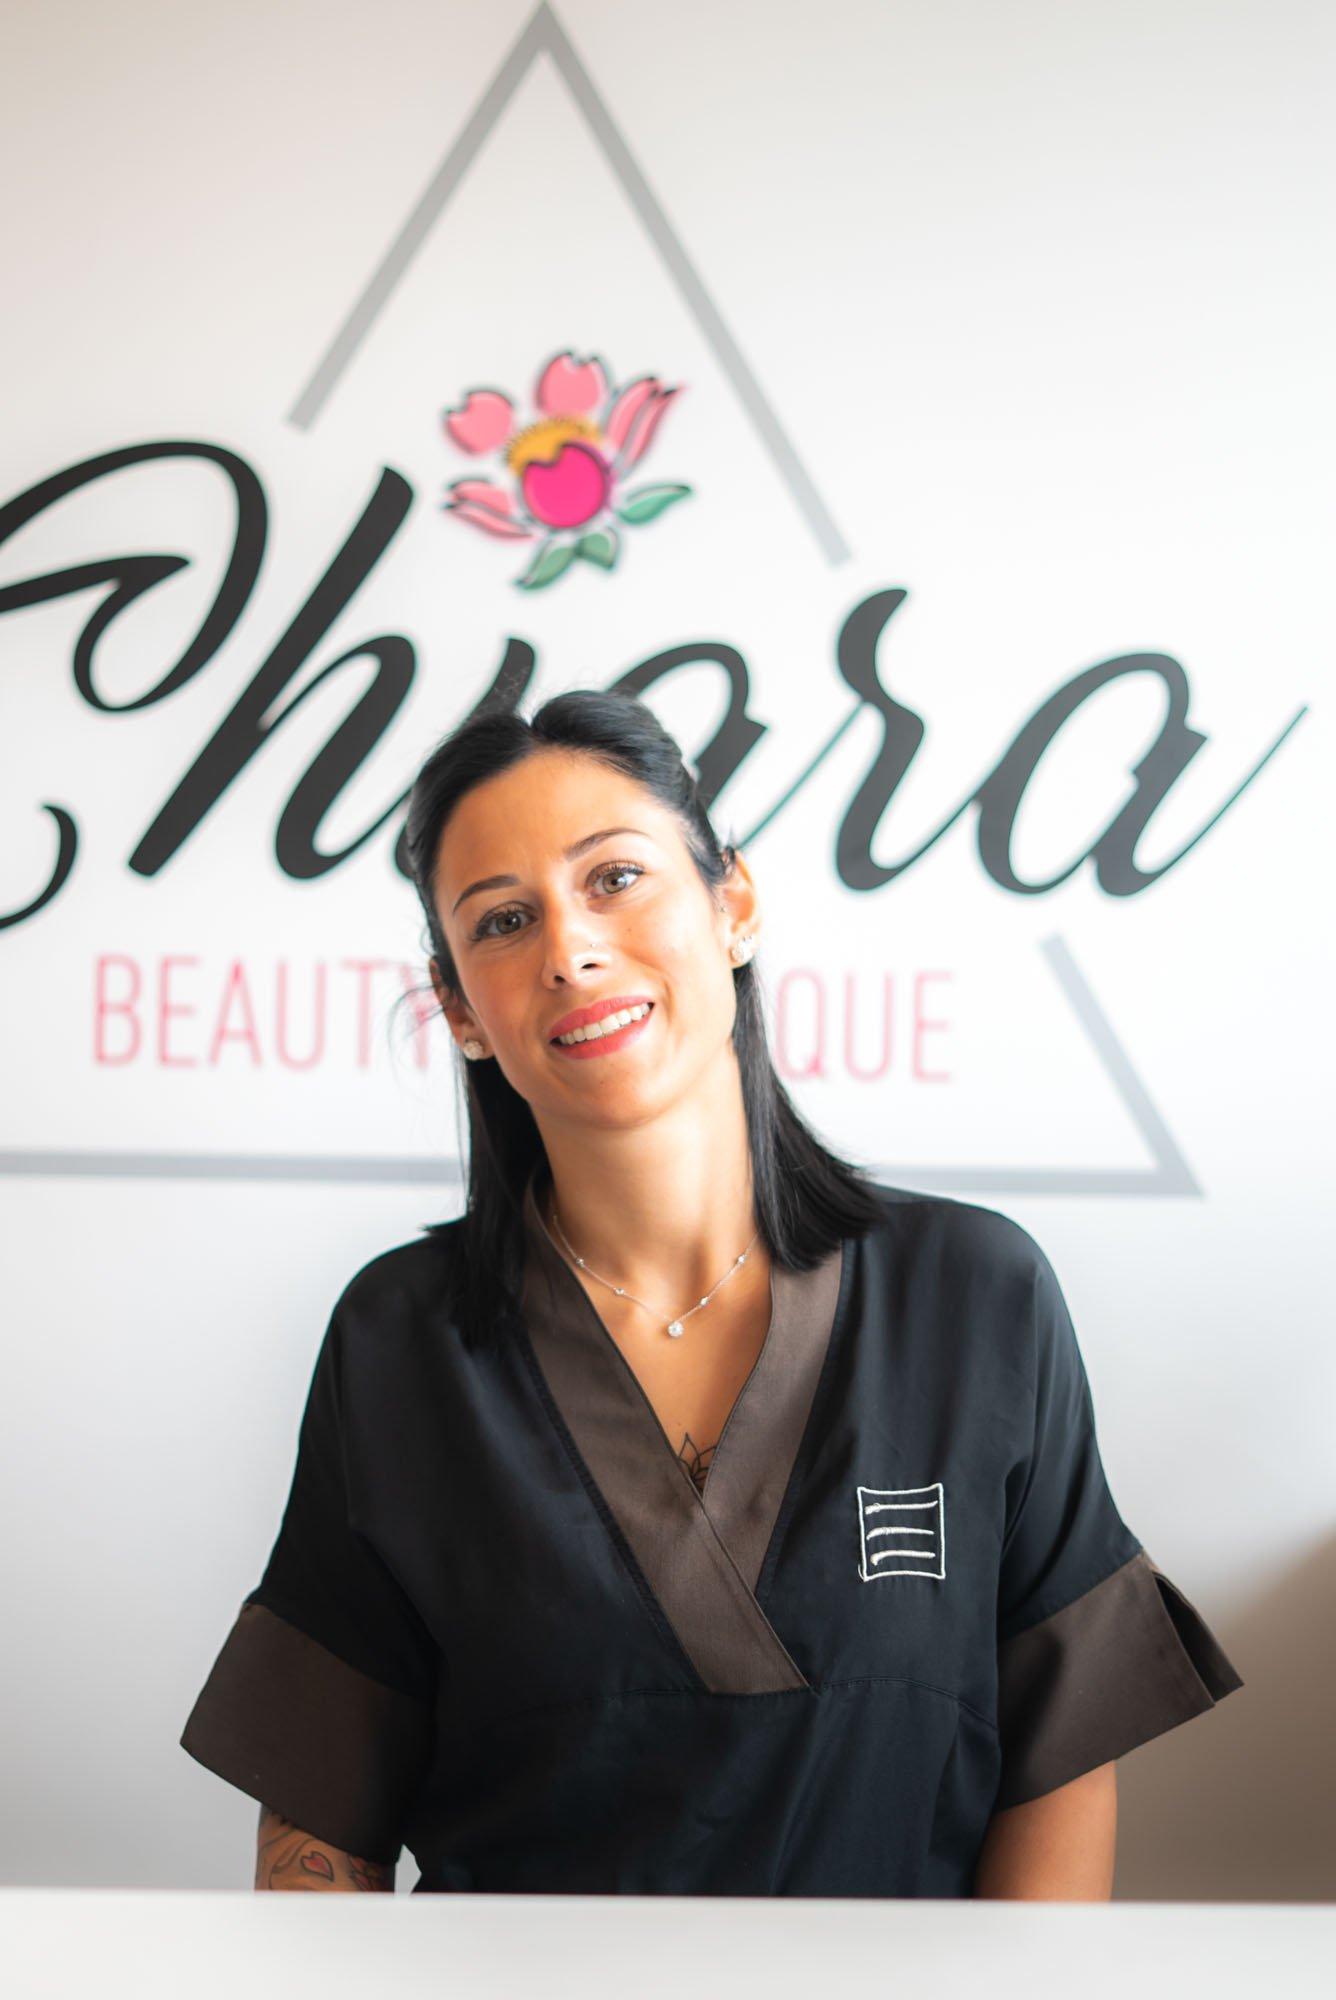 Chiara Beauty Boutique Titolare